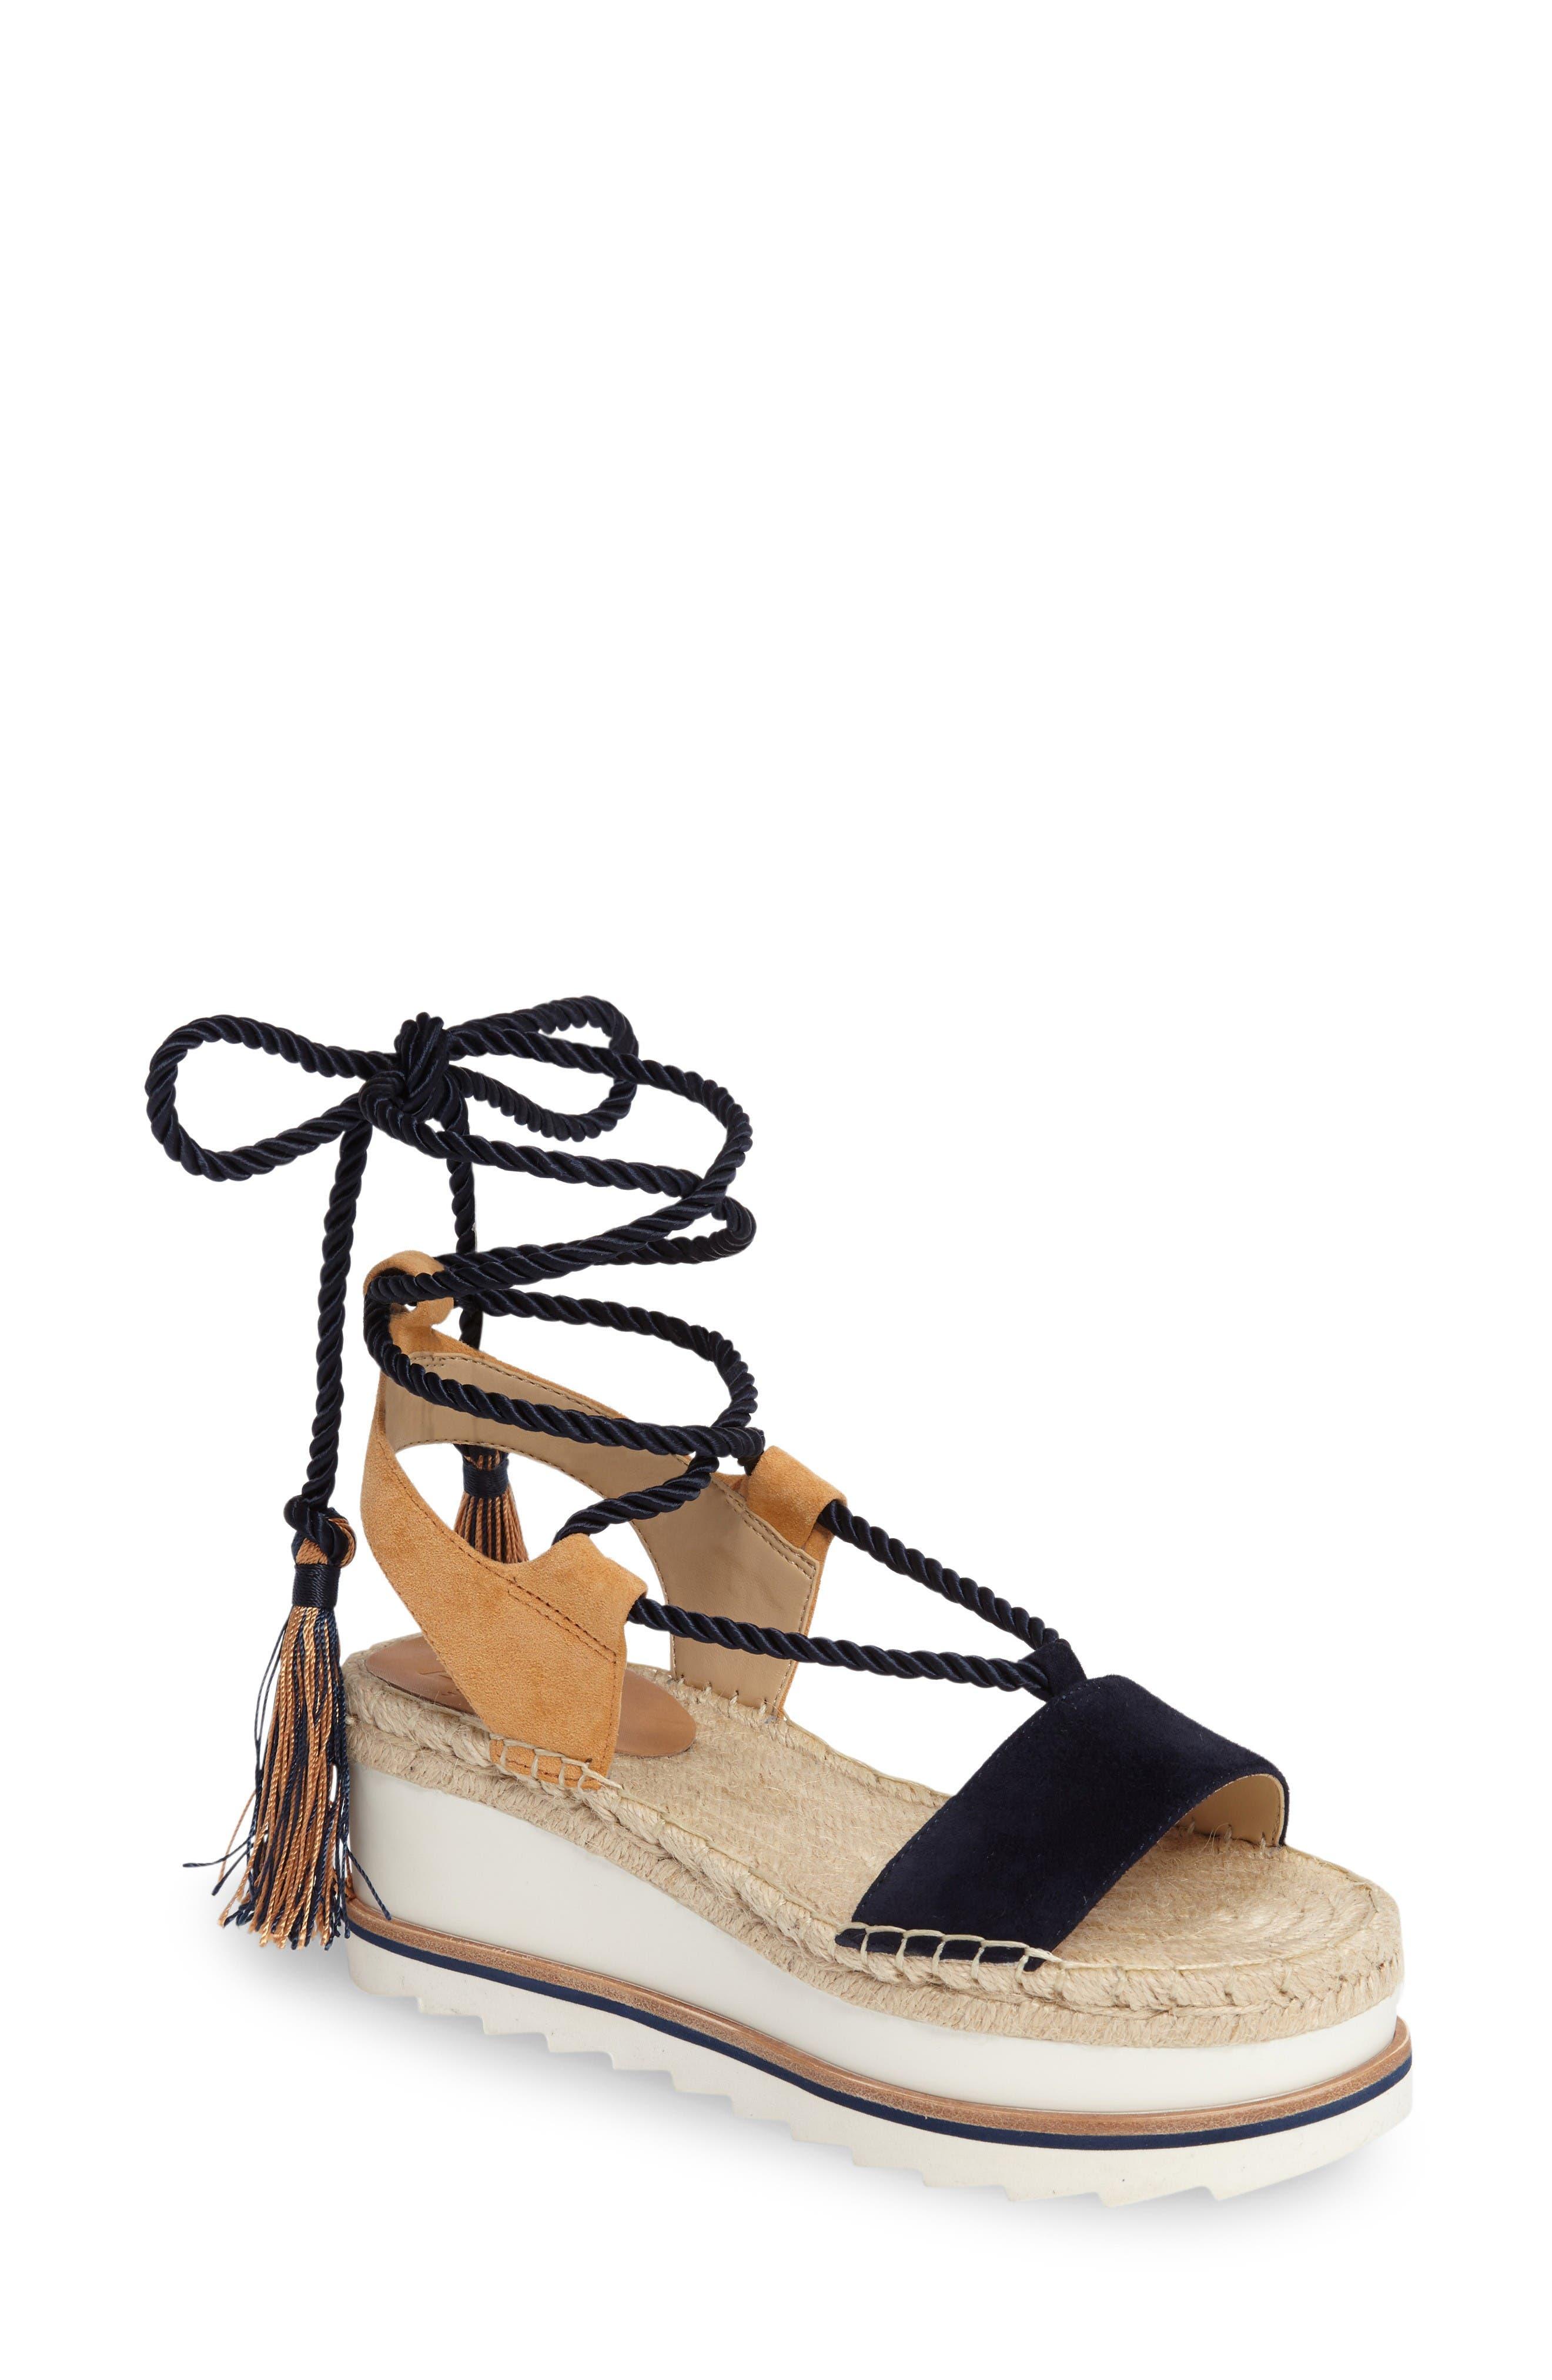 Alternate Image 1 Selected - Marc Fisher LTD Gerald Platform Sandal (Women)